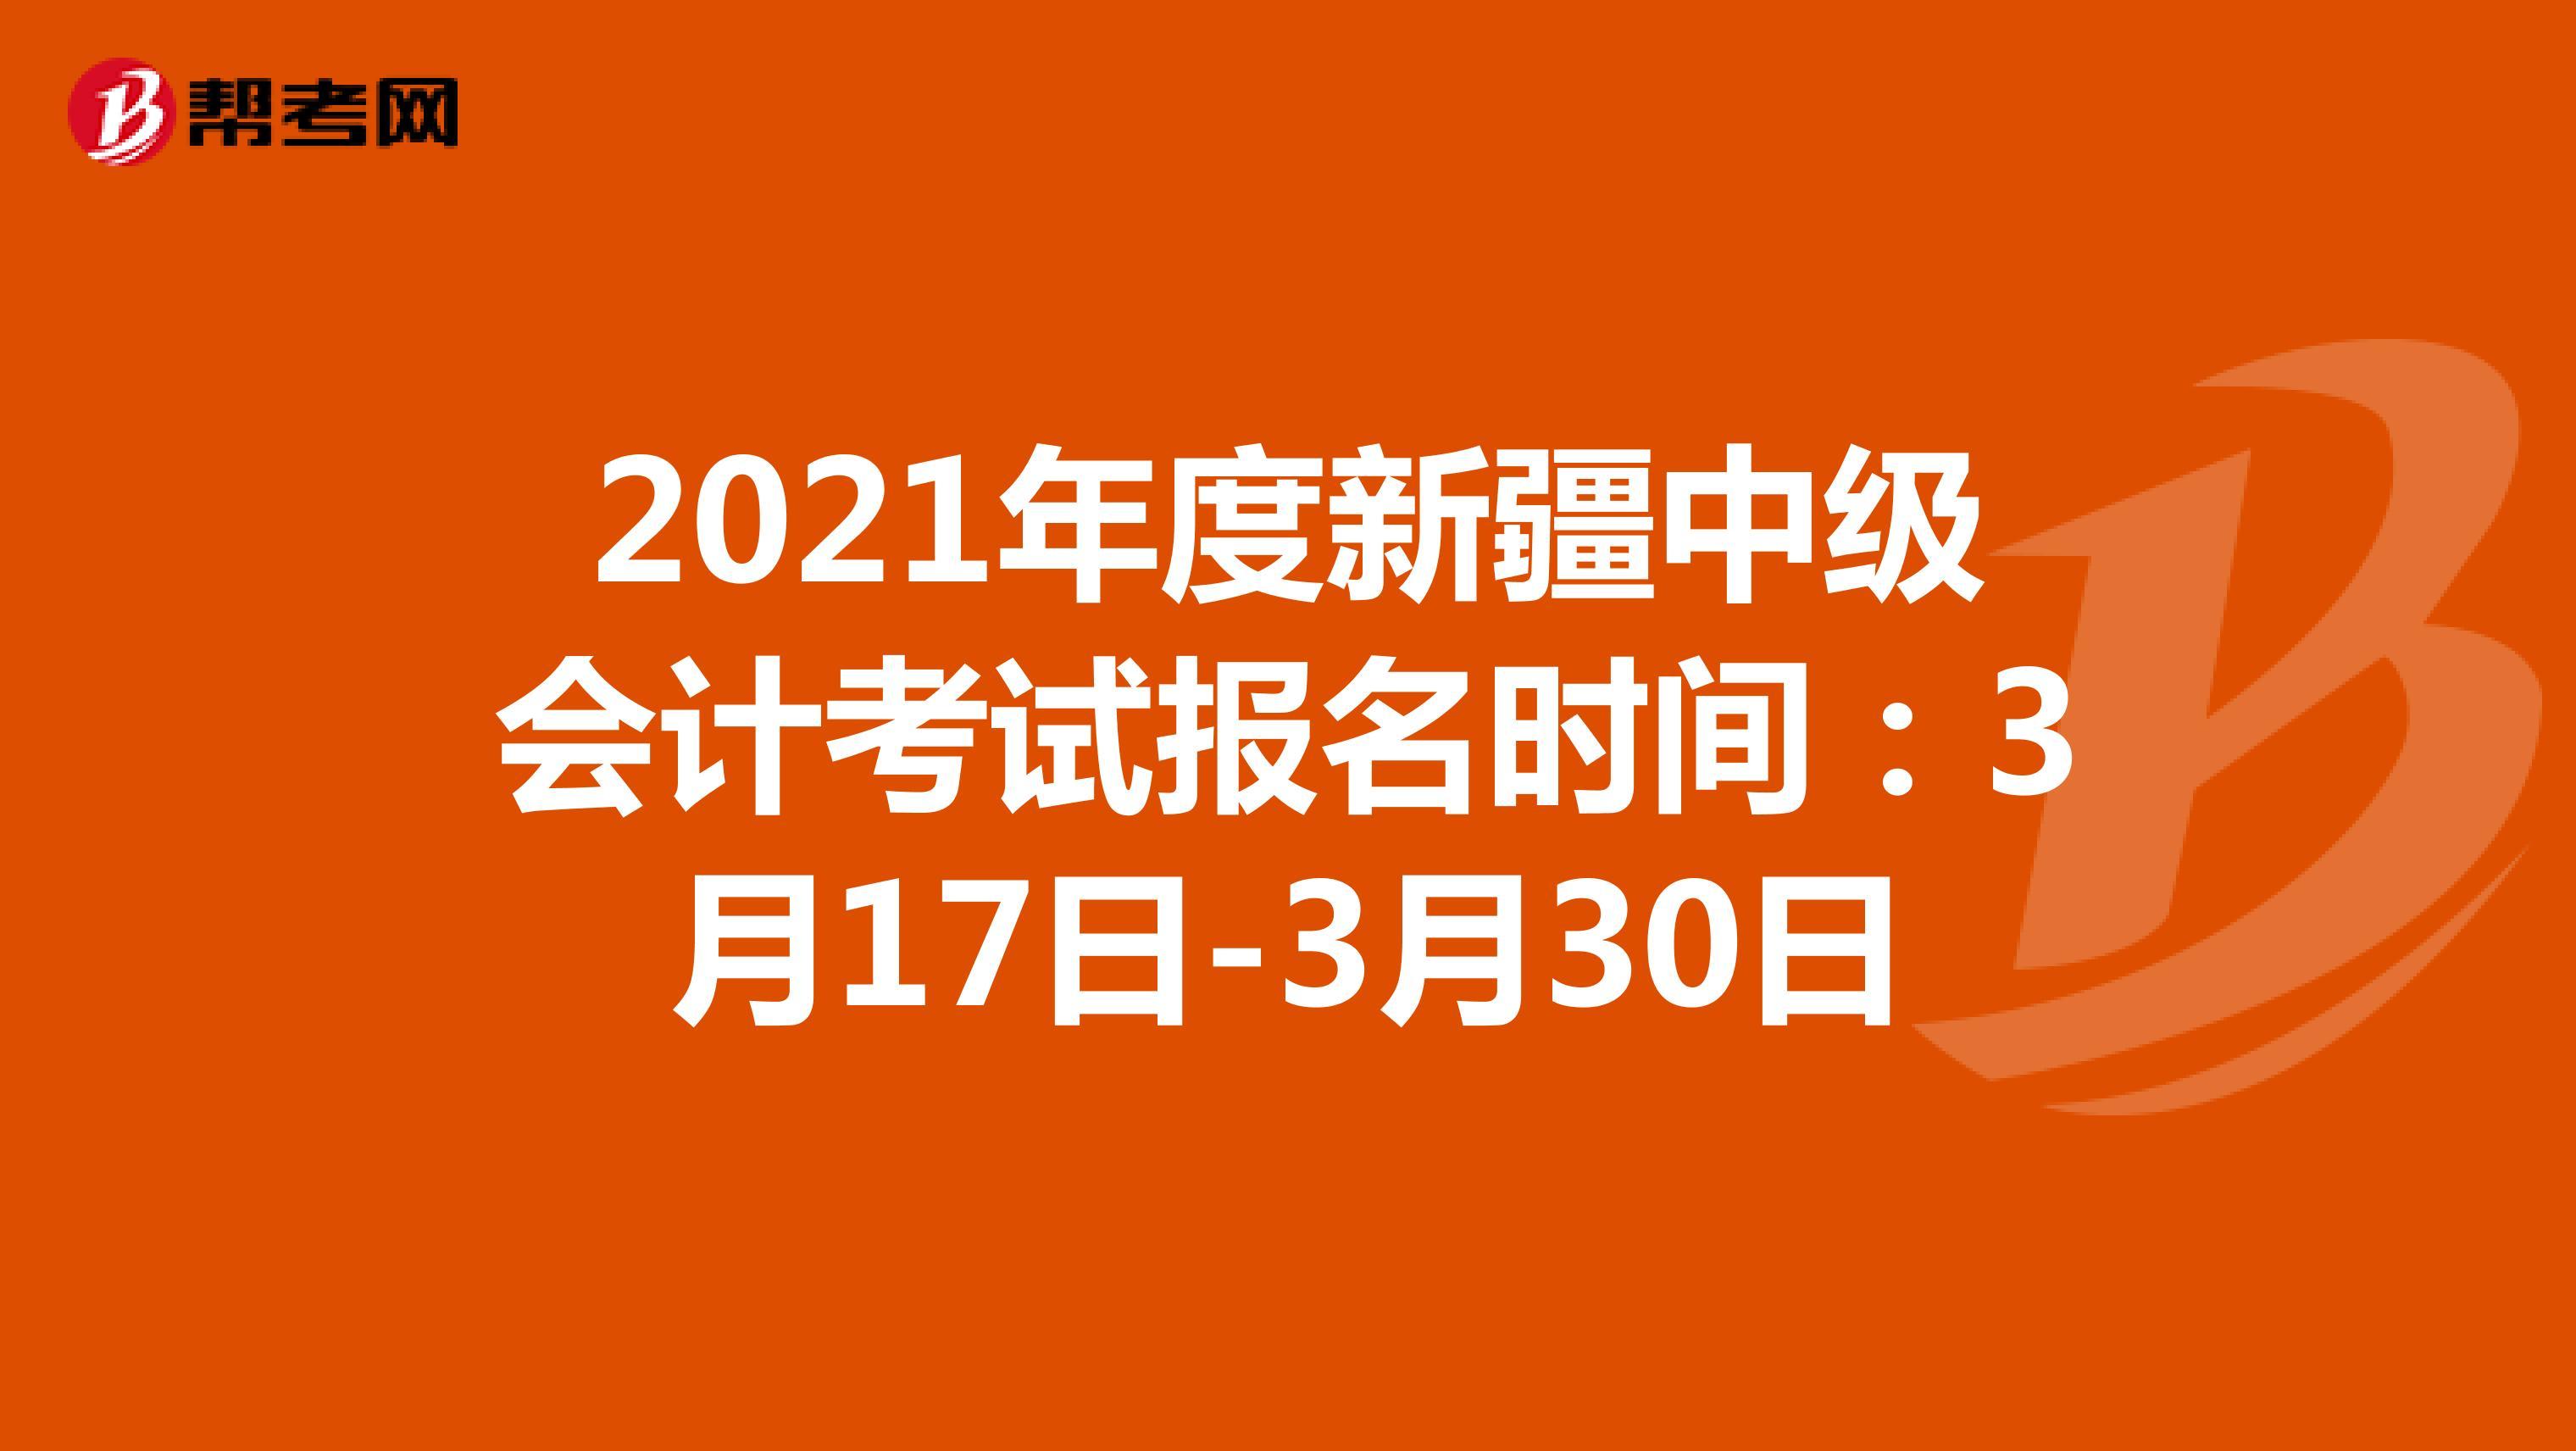 2021年度新疆中級會計考試報名時間:3月17日-3月30日